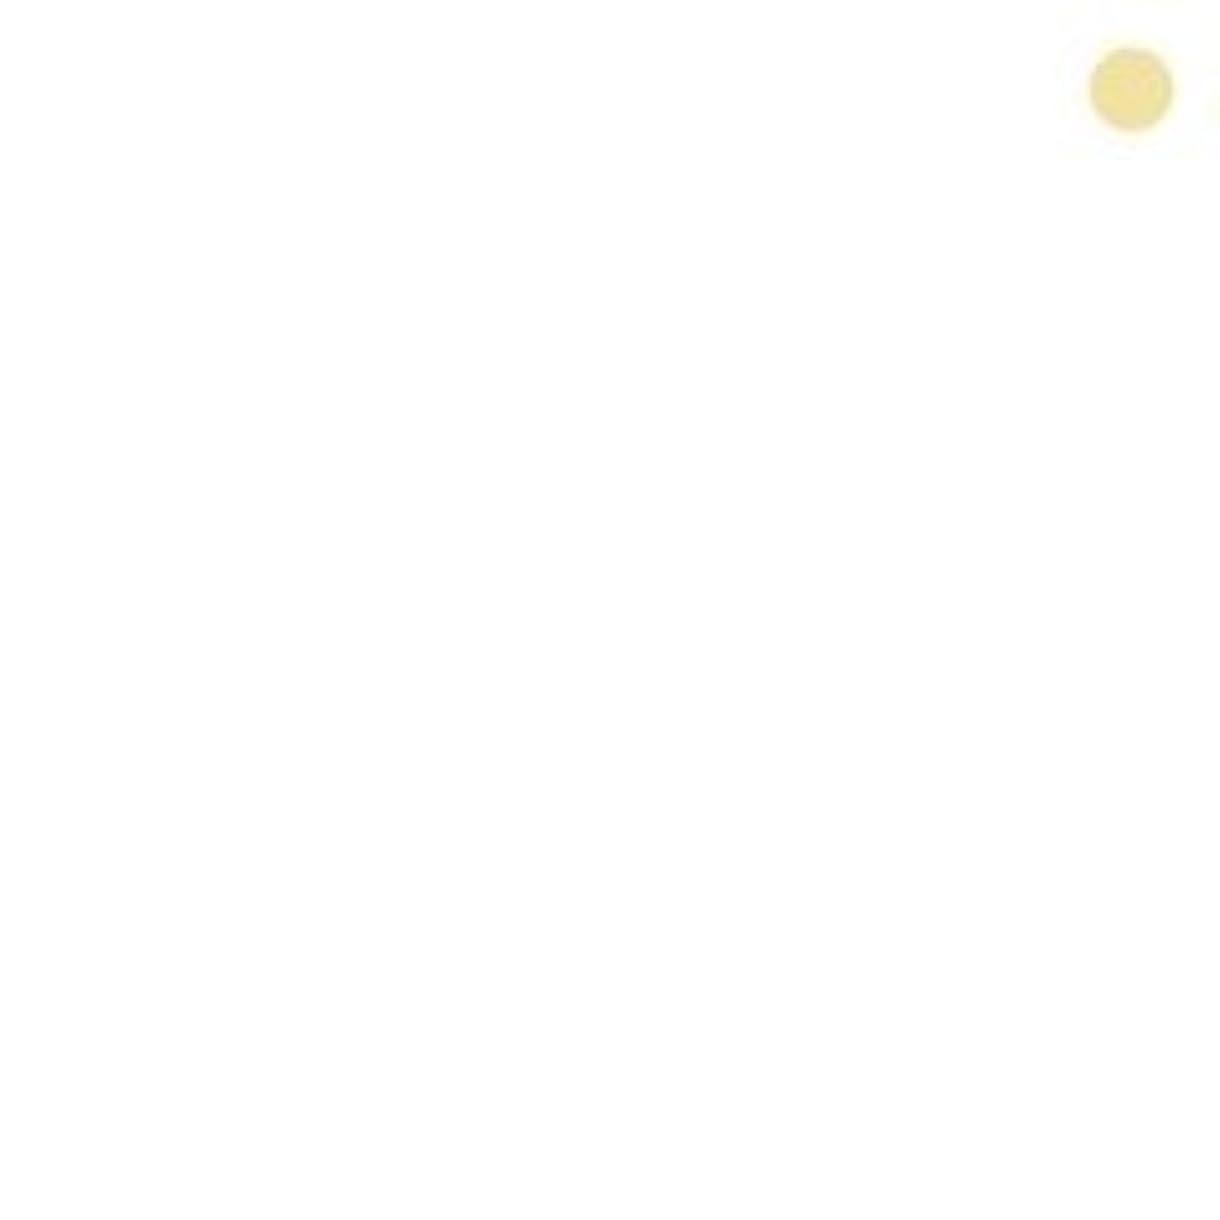 すきデンマークディベート【カバーマーク】ジャスミーカラー パウダリーファンデーション #YN10 (レフィル)